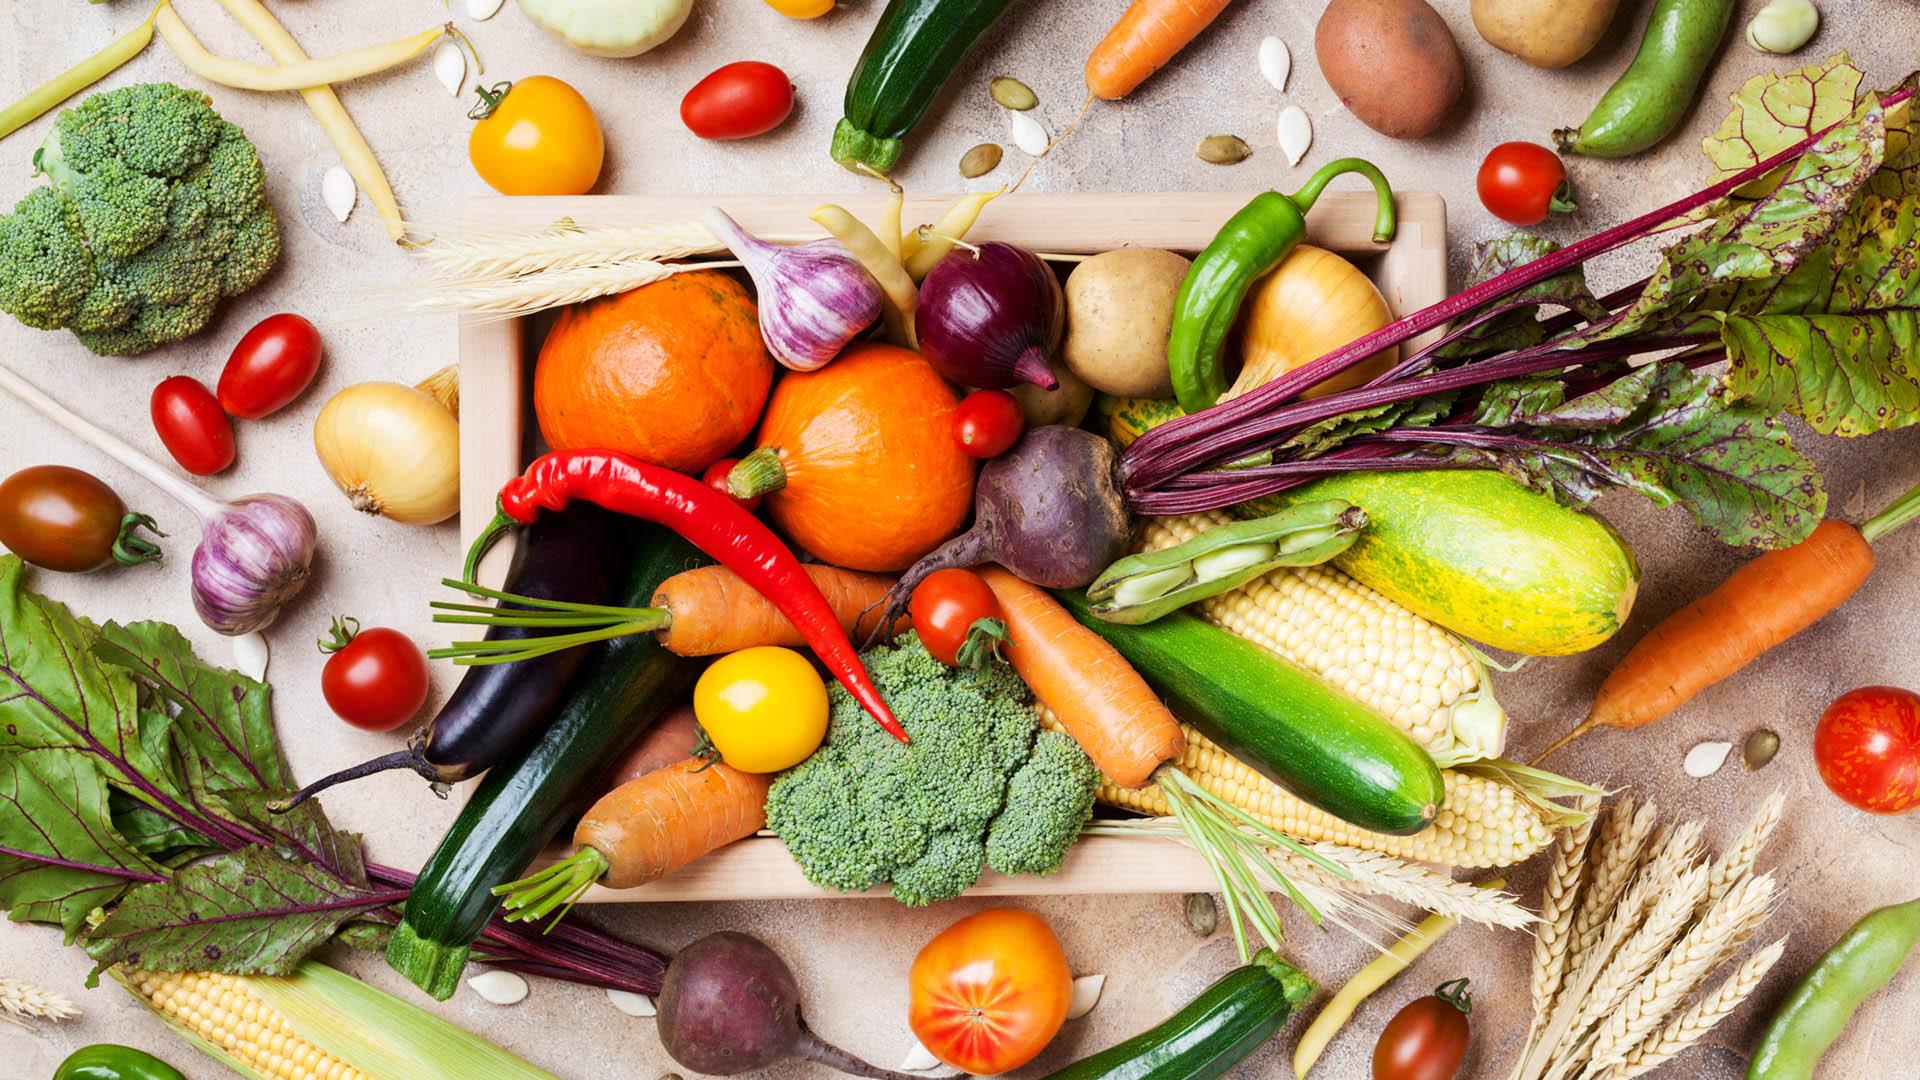 incremento precio de verdura